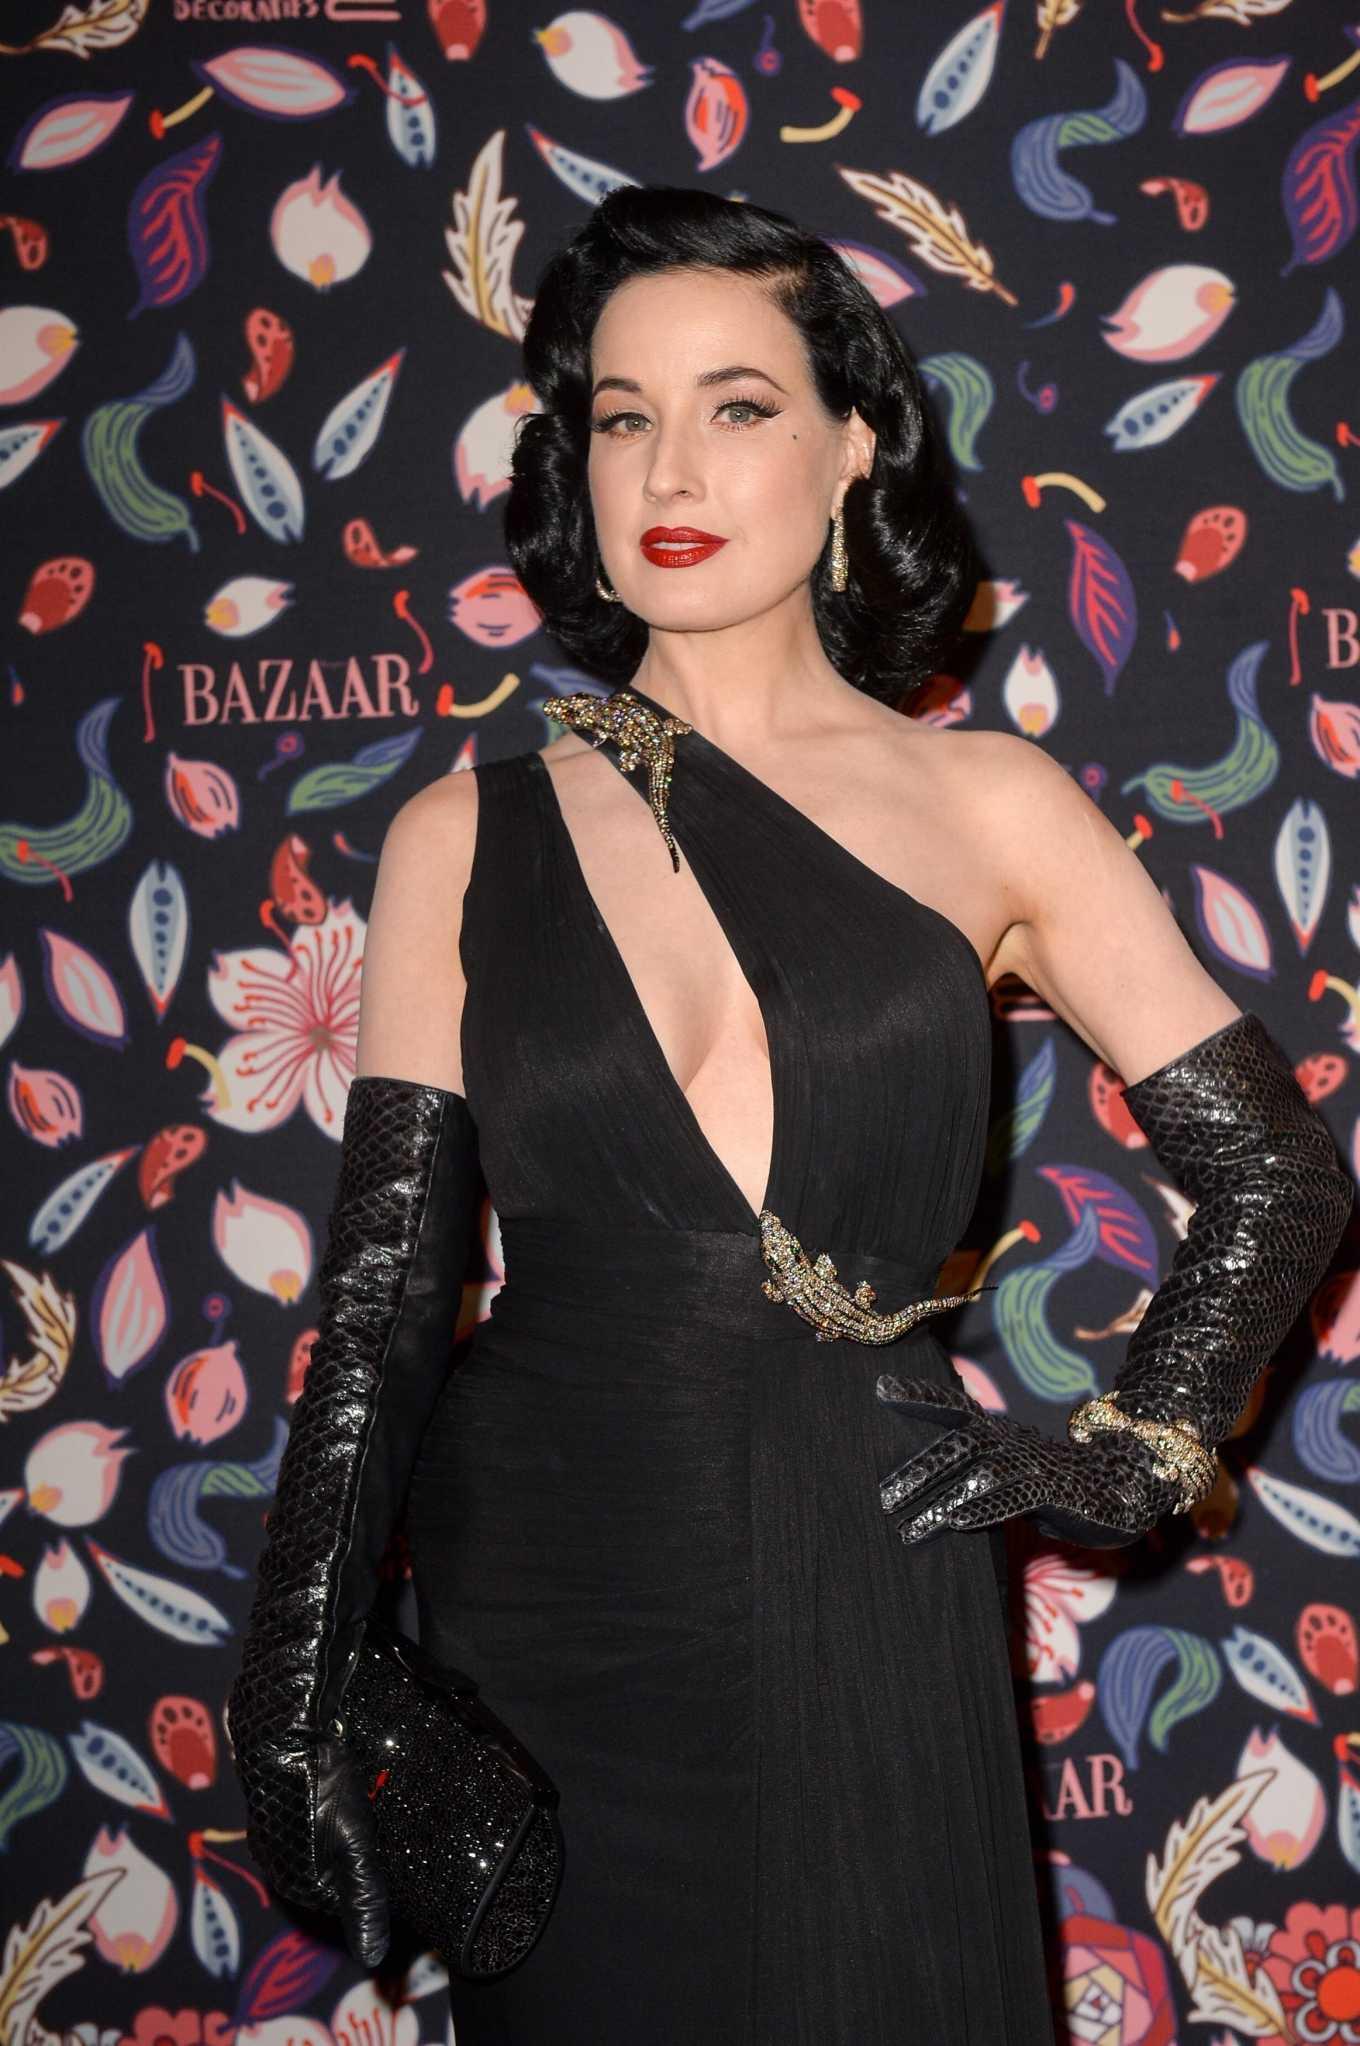 Dita Von Teese - Harper's Bazaar Exhibition at Paris Fashion Week 2020